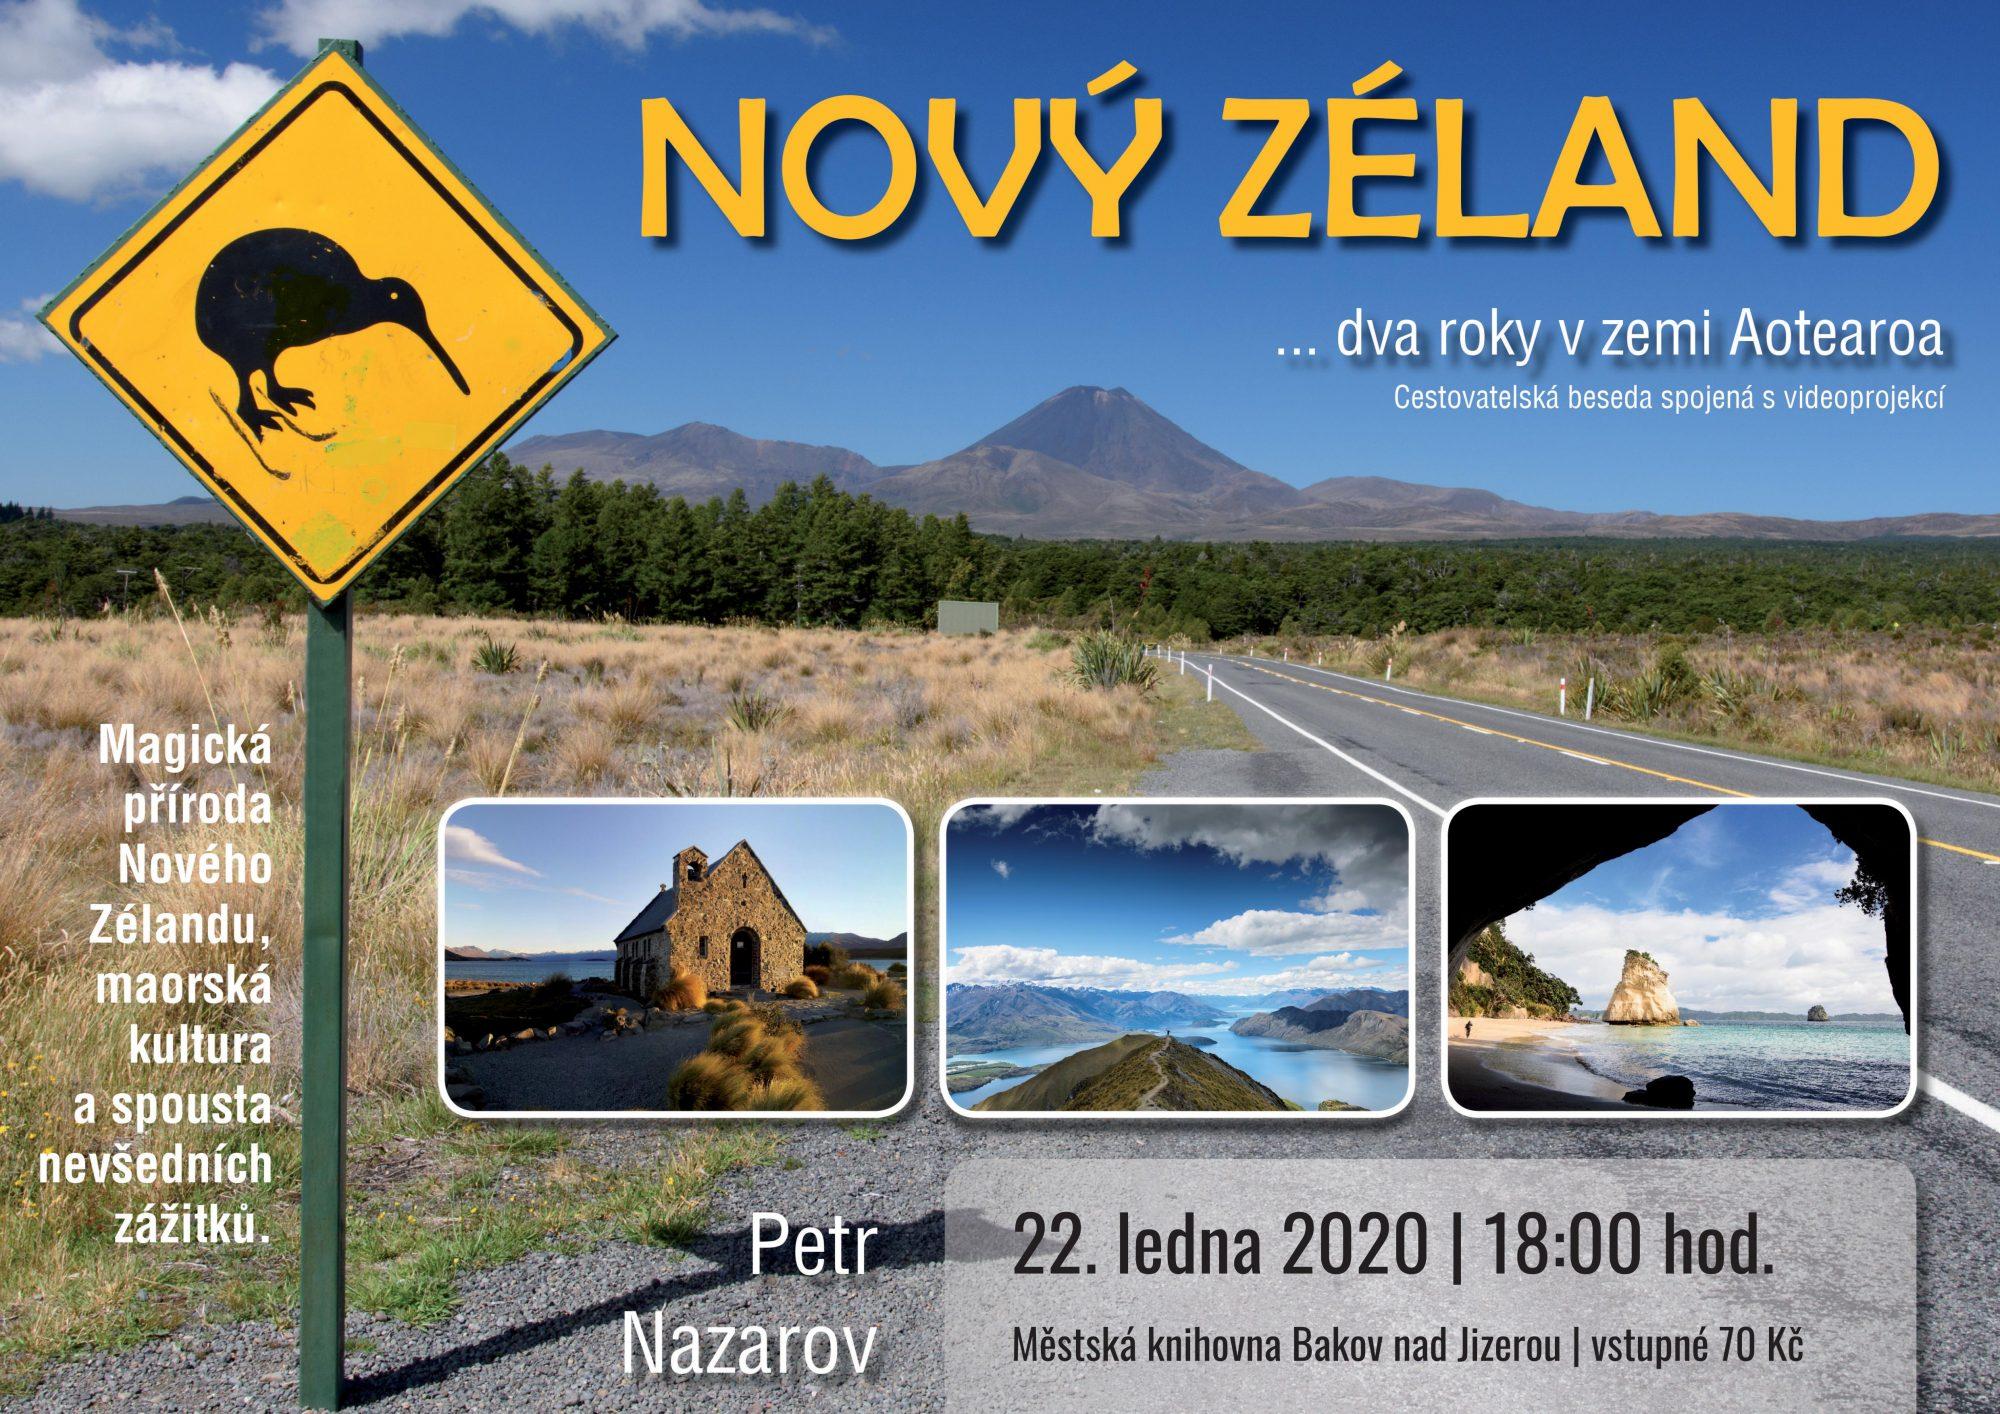 Nový Zéland – Petr Nazarov